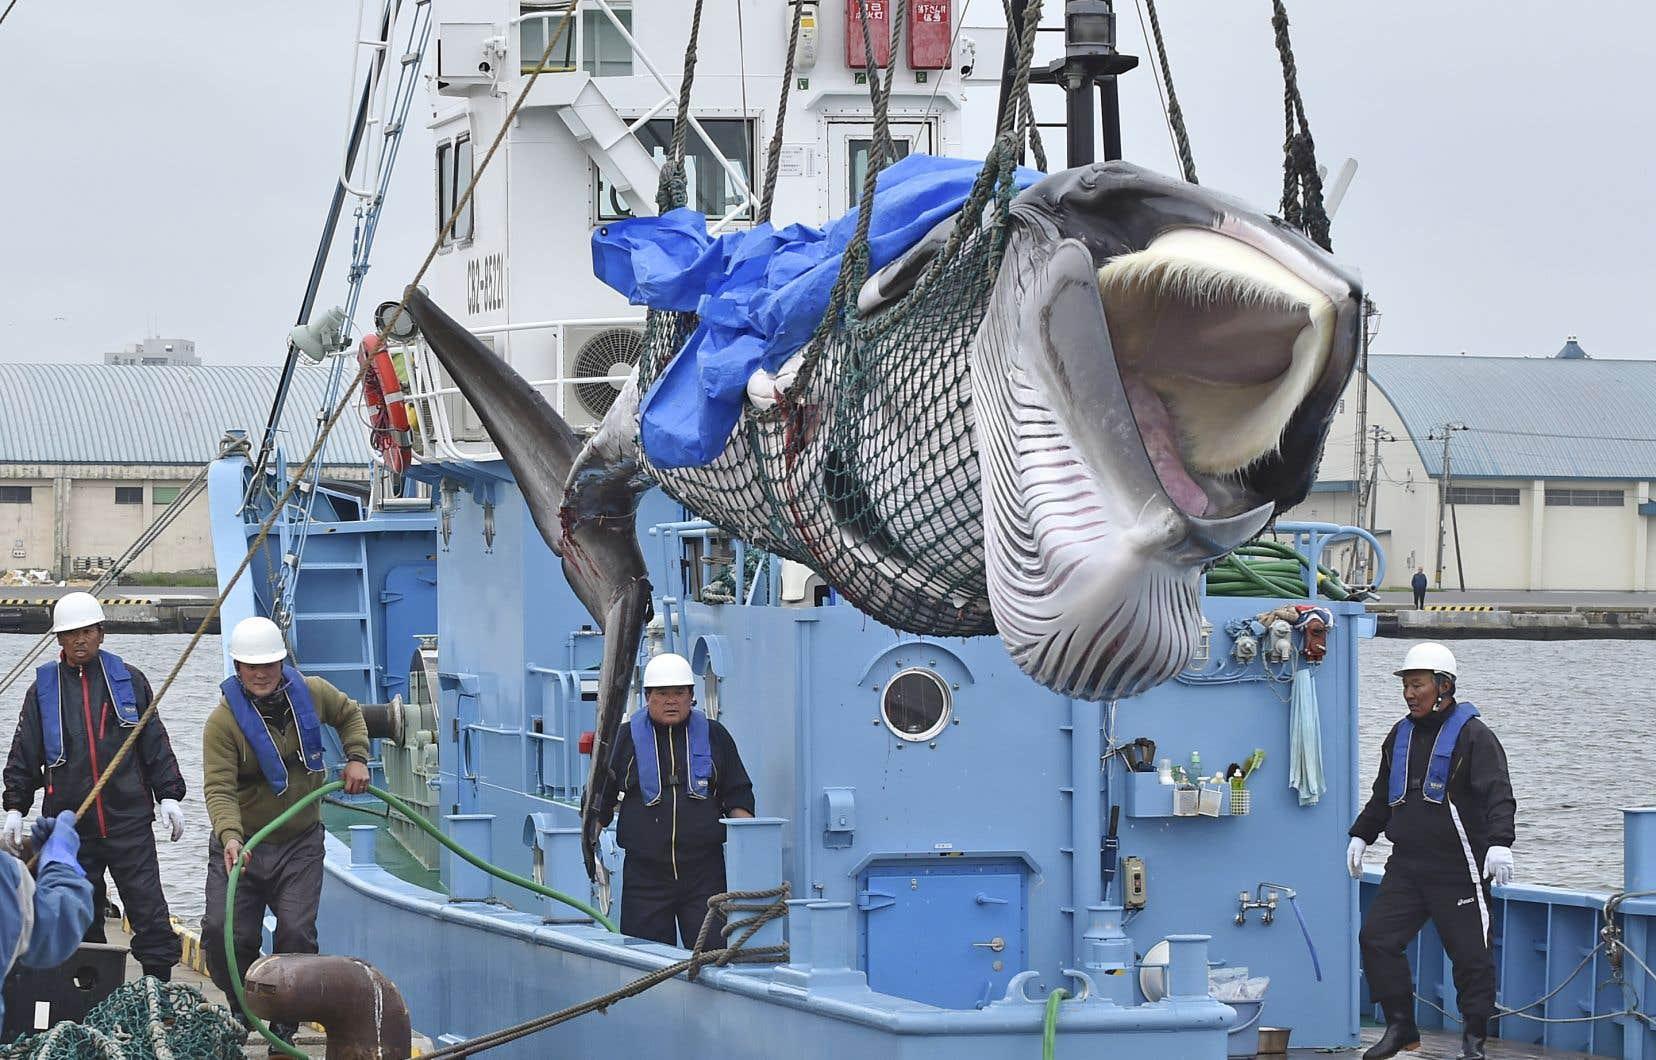 Des navires japonais ont harponné lundi deux baleines de Minke, les deux premières d'un quota de 227 mammifères pouvant être chassés d'ici décembre dans les eaux territoriales japonaises.